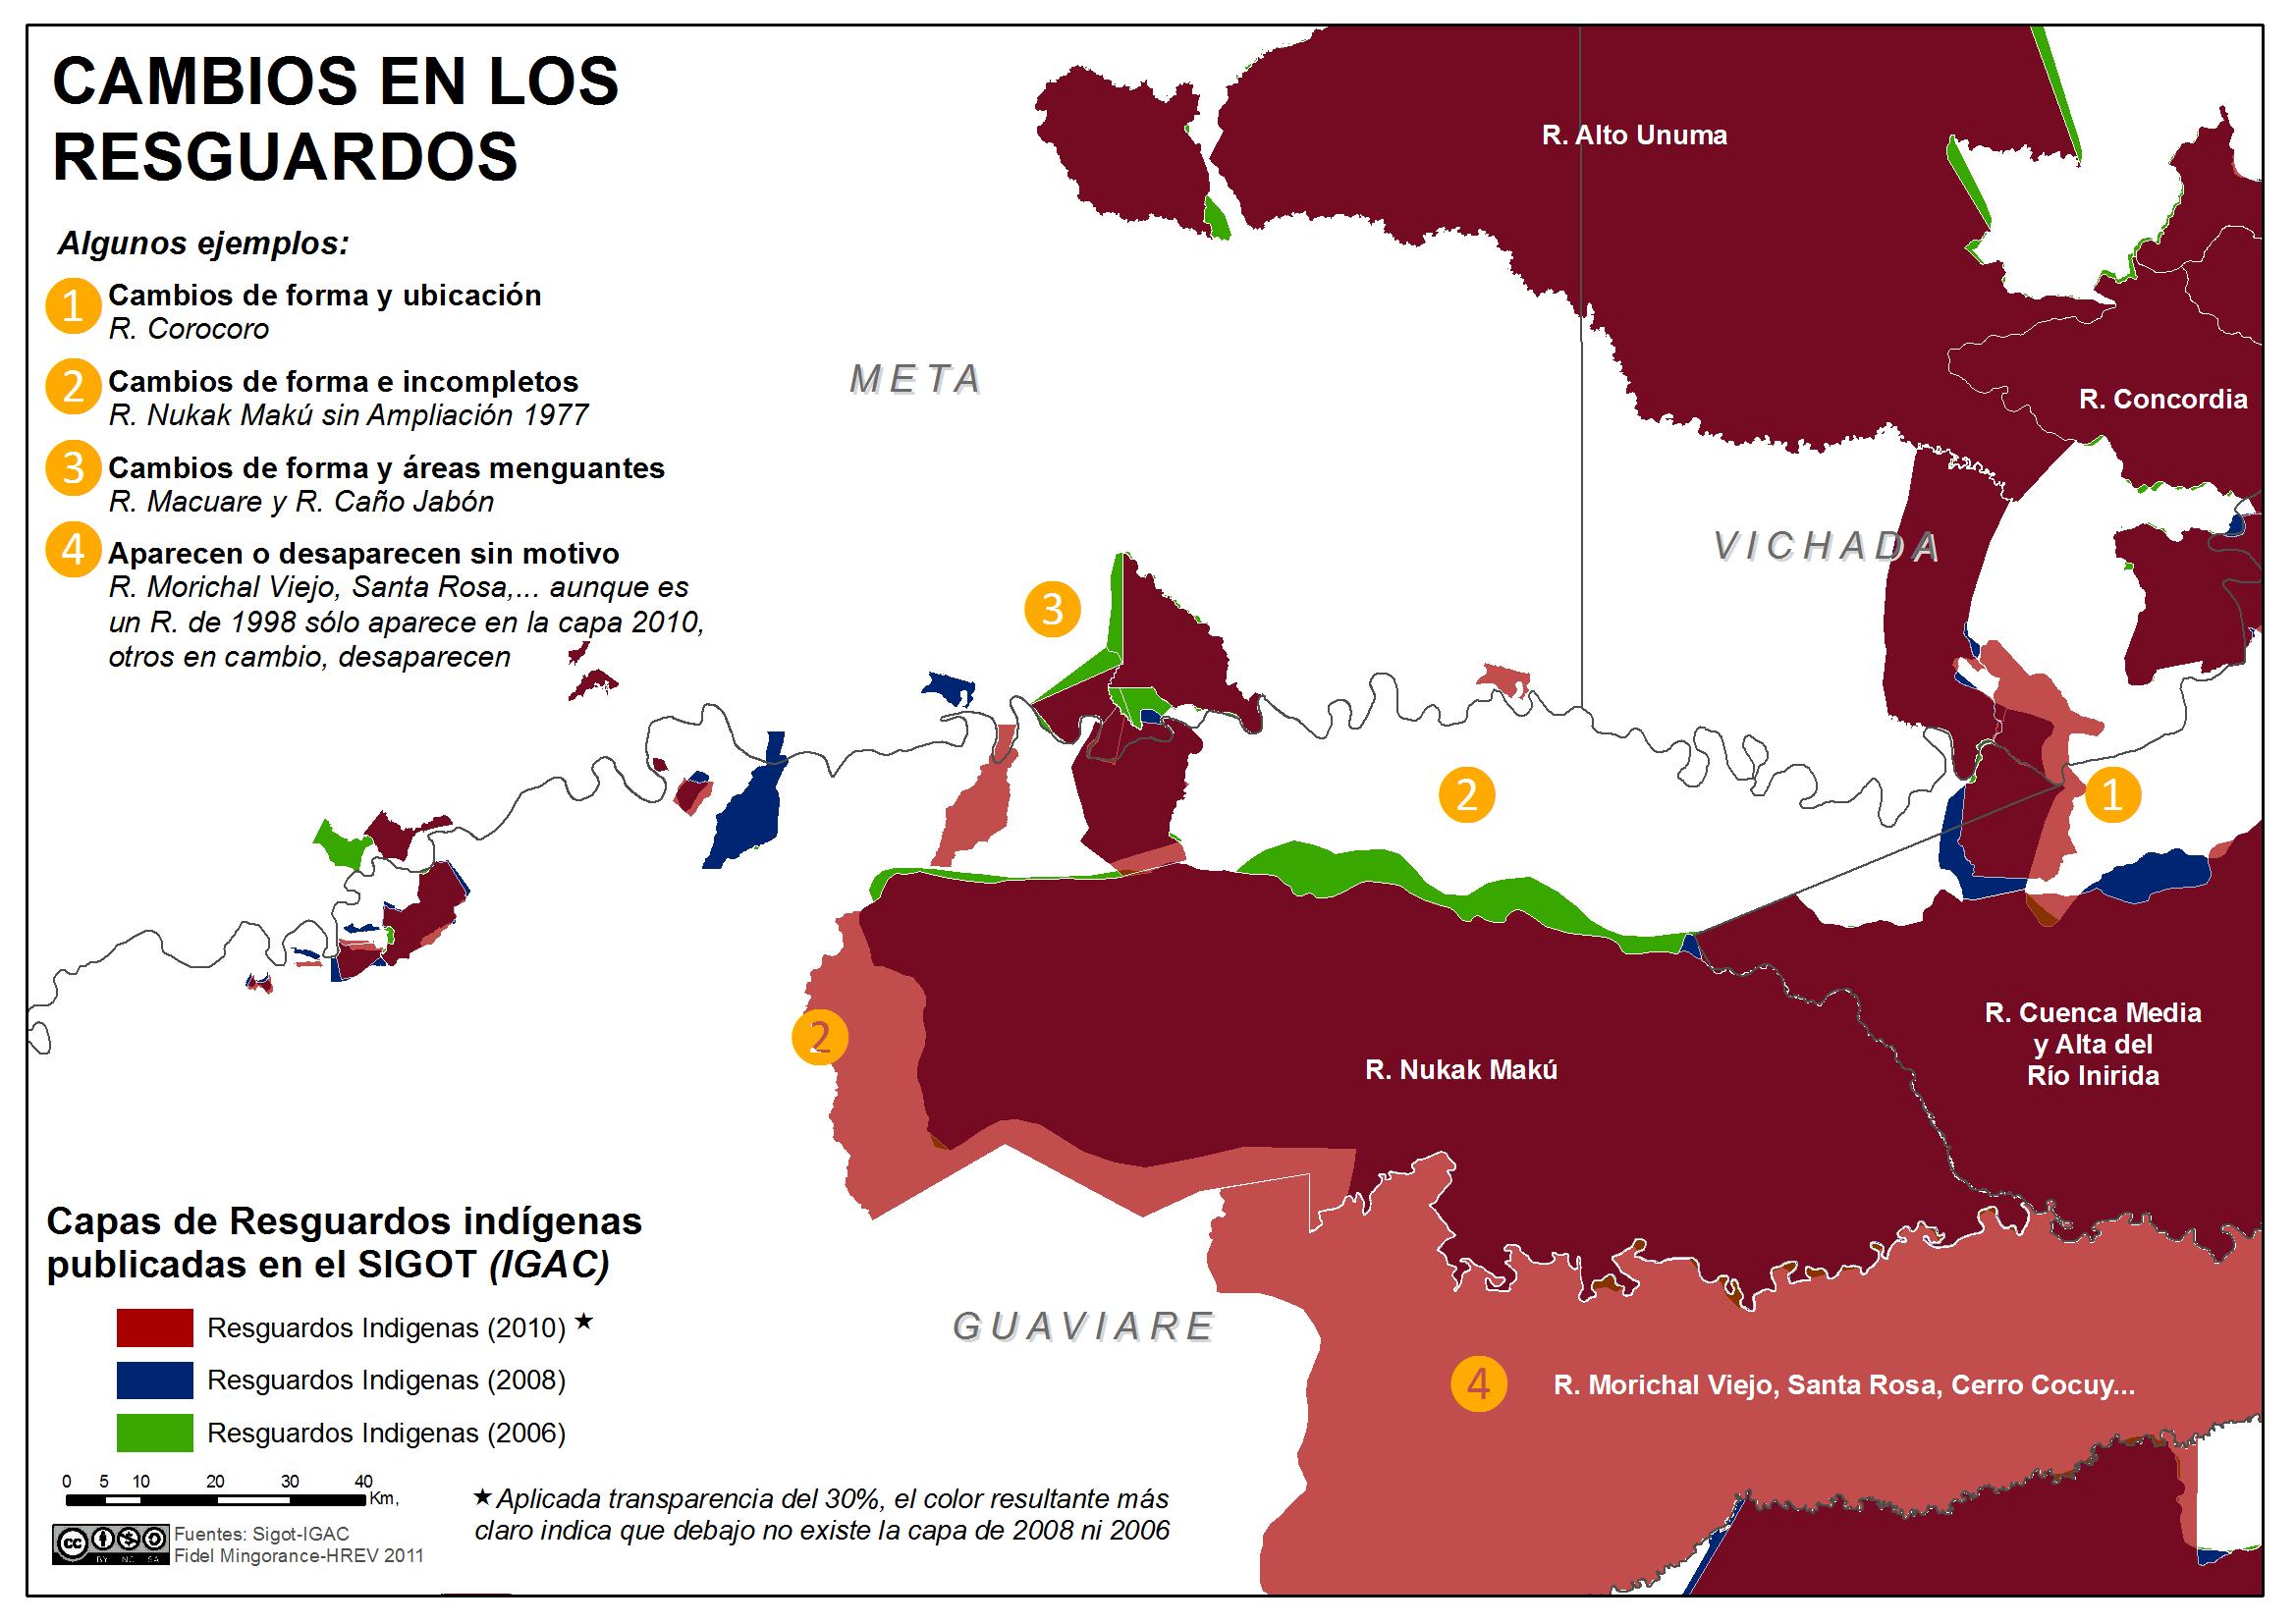 cambios de forma y de ubicación en los resguardos indígenas en Colombia